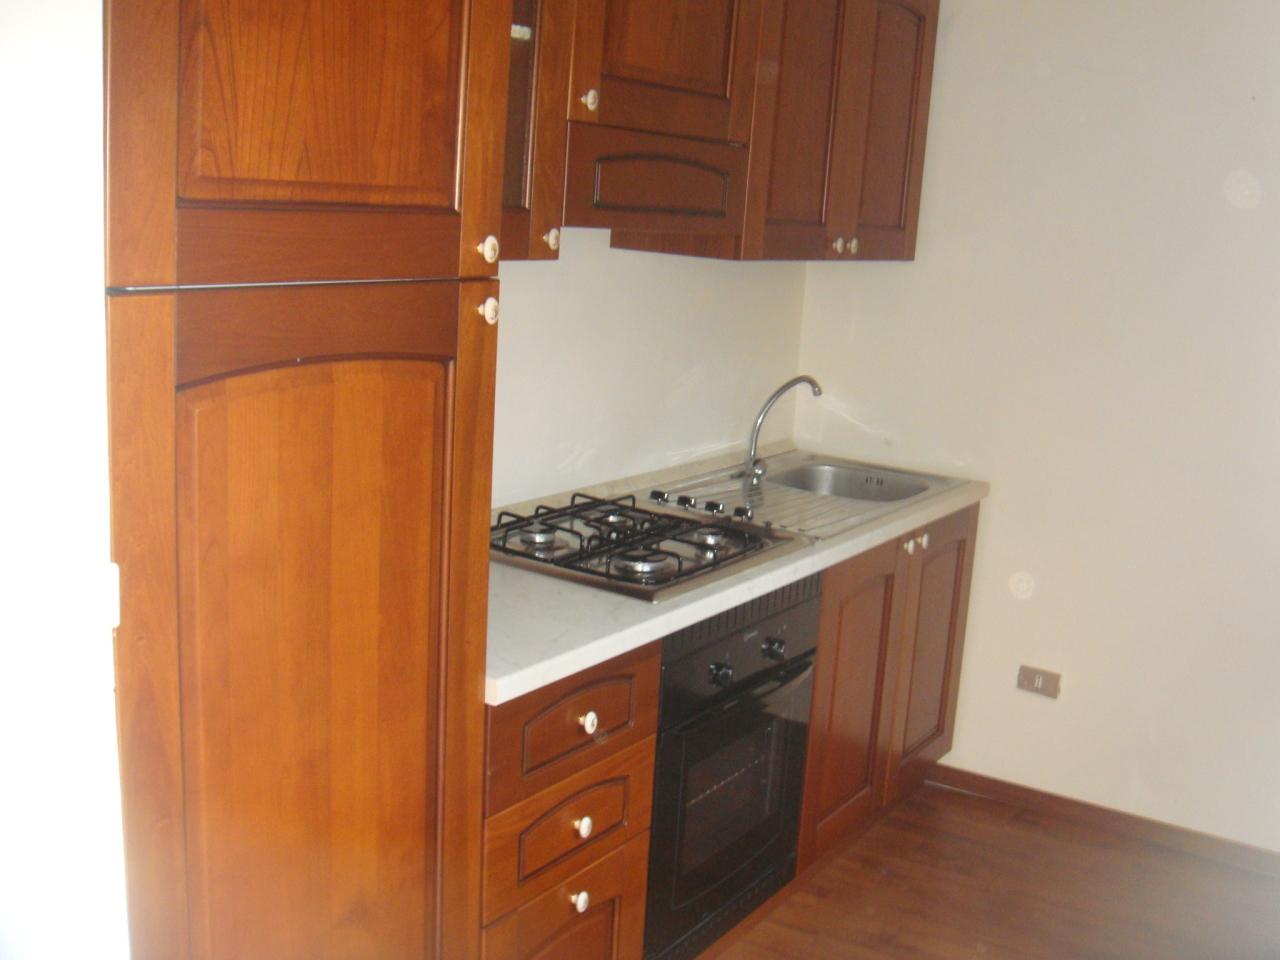 Attico / Mansarda in affitto a Reggio Calabria, 2 locali, prezzo € 350 | Cambio Casa.it